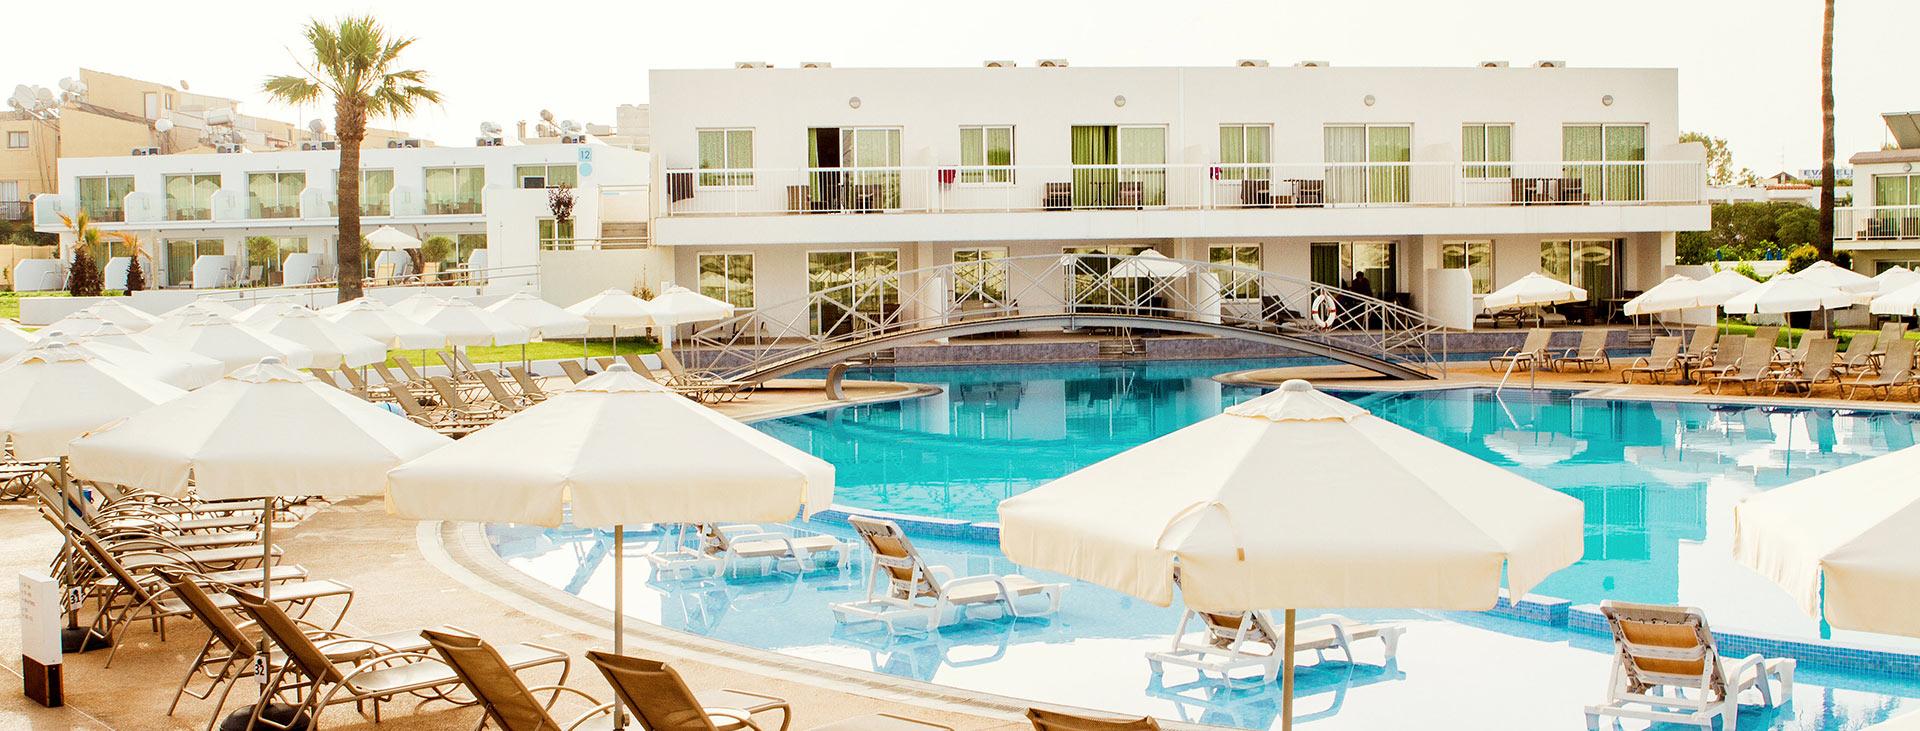 Sunprime Ayia Napa Suites, Ayia Napa, Cypern